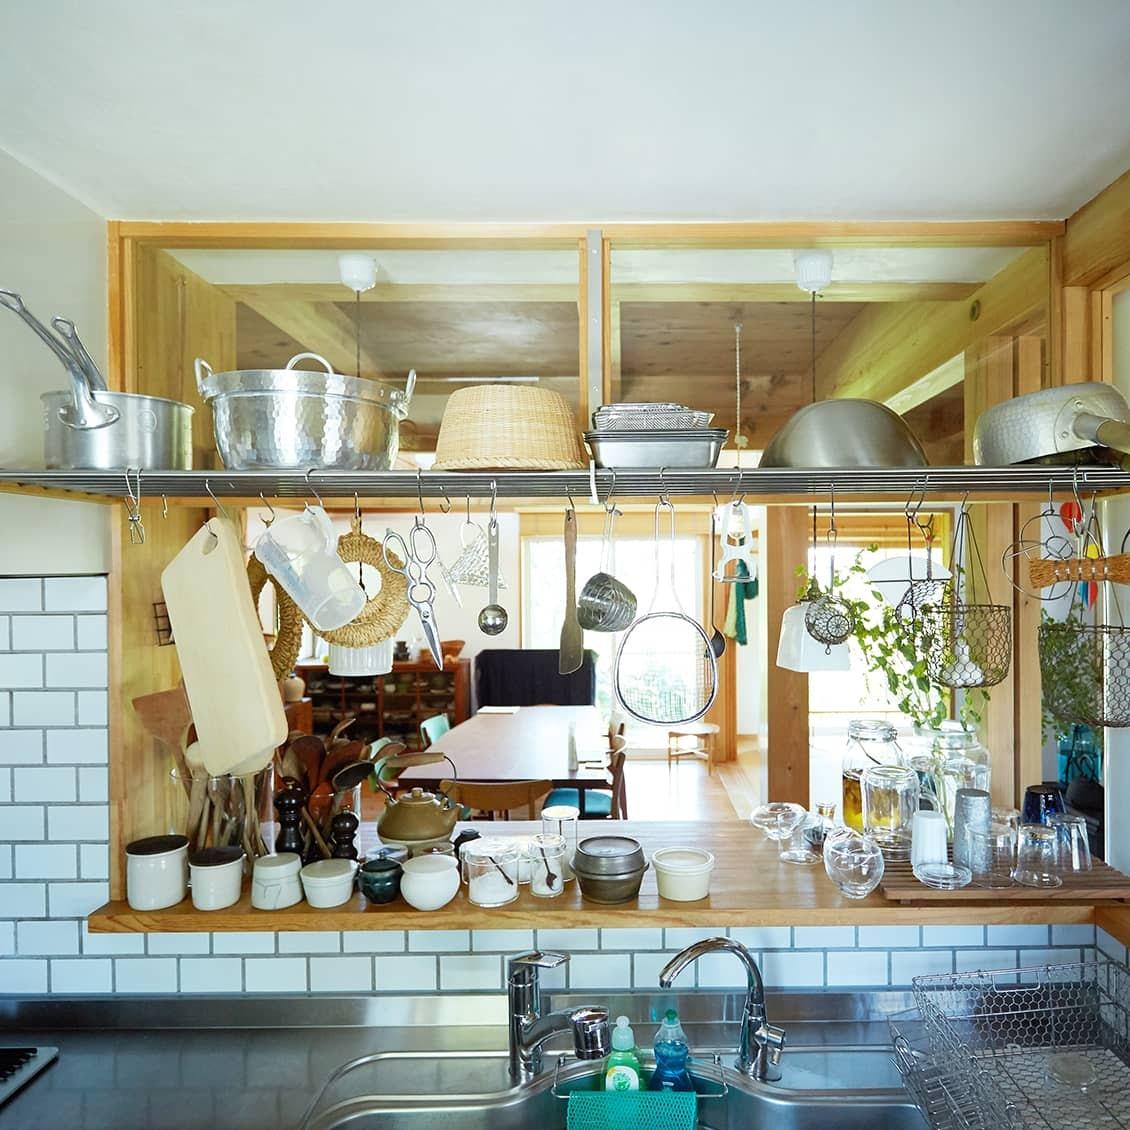 【すきま収納を味方に】今あるキッチンも「すきま」を活用すればもっと使いやすくなる?